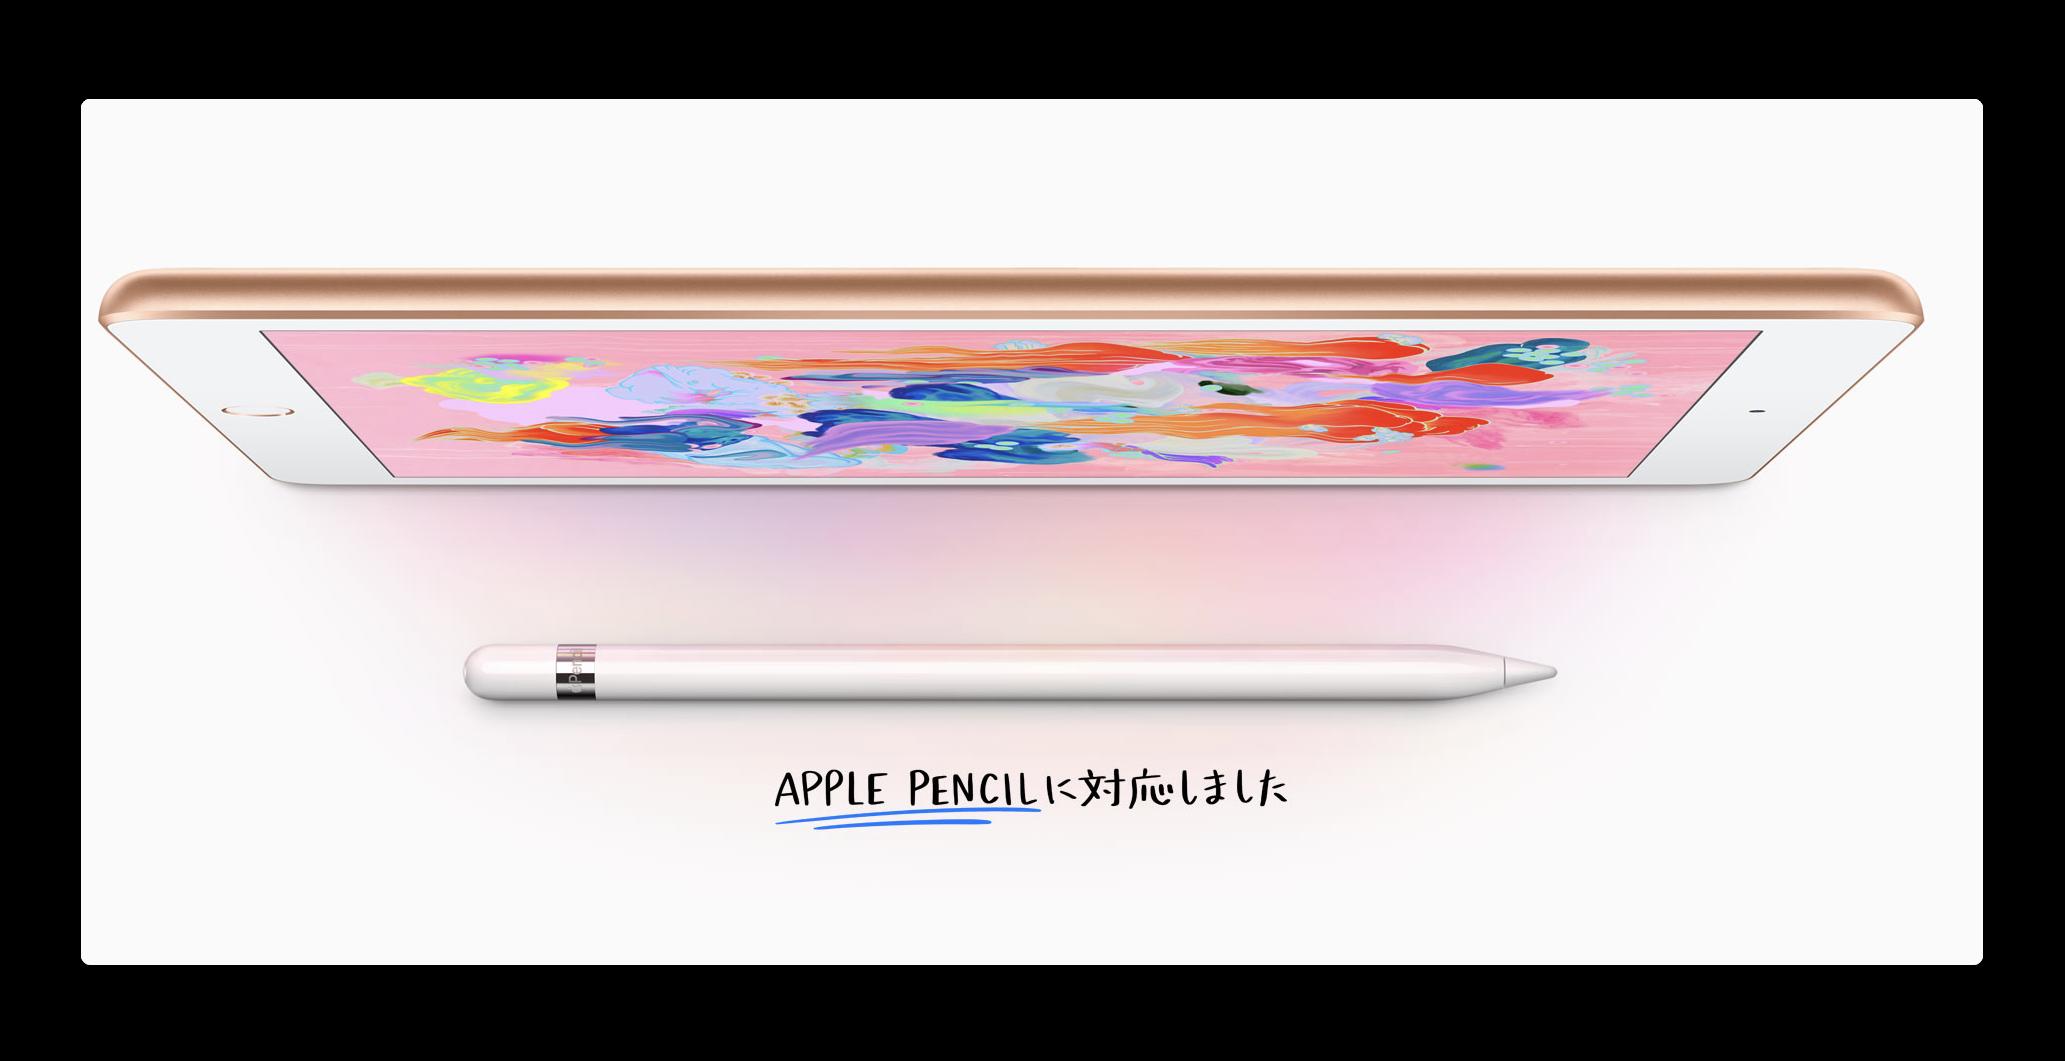 AppleのiPadがタブレットマーケットを支配し続けている